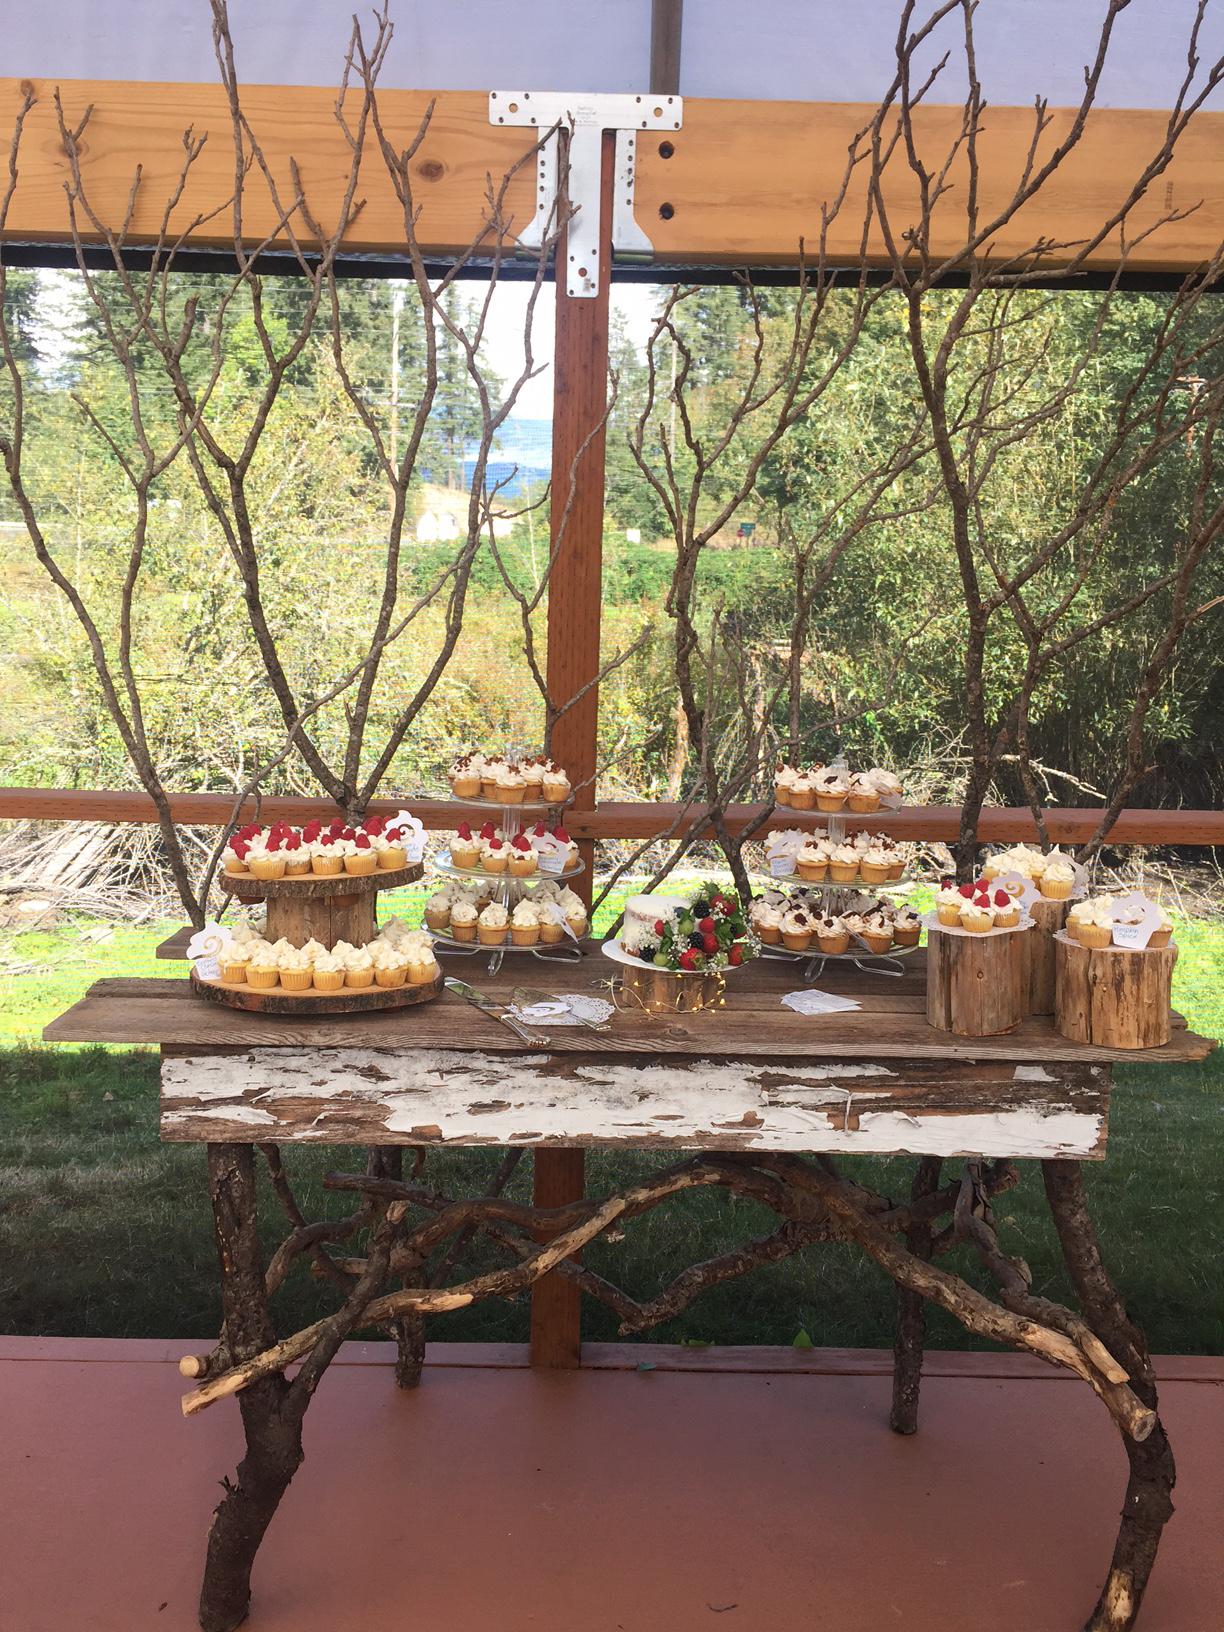 Our fun, twiggy cake table